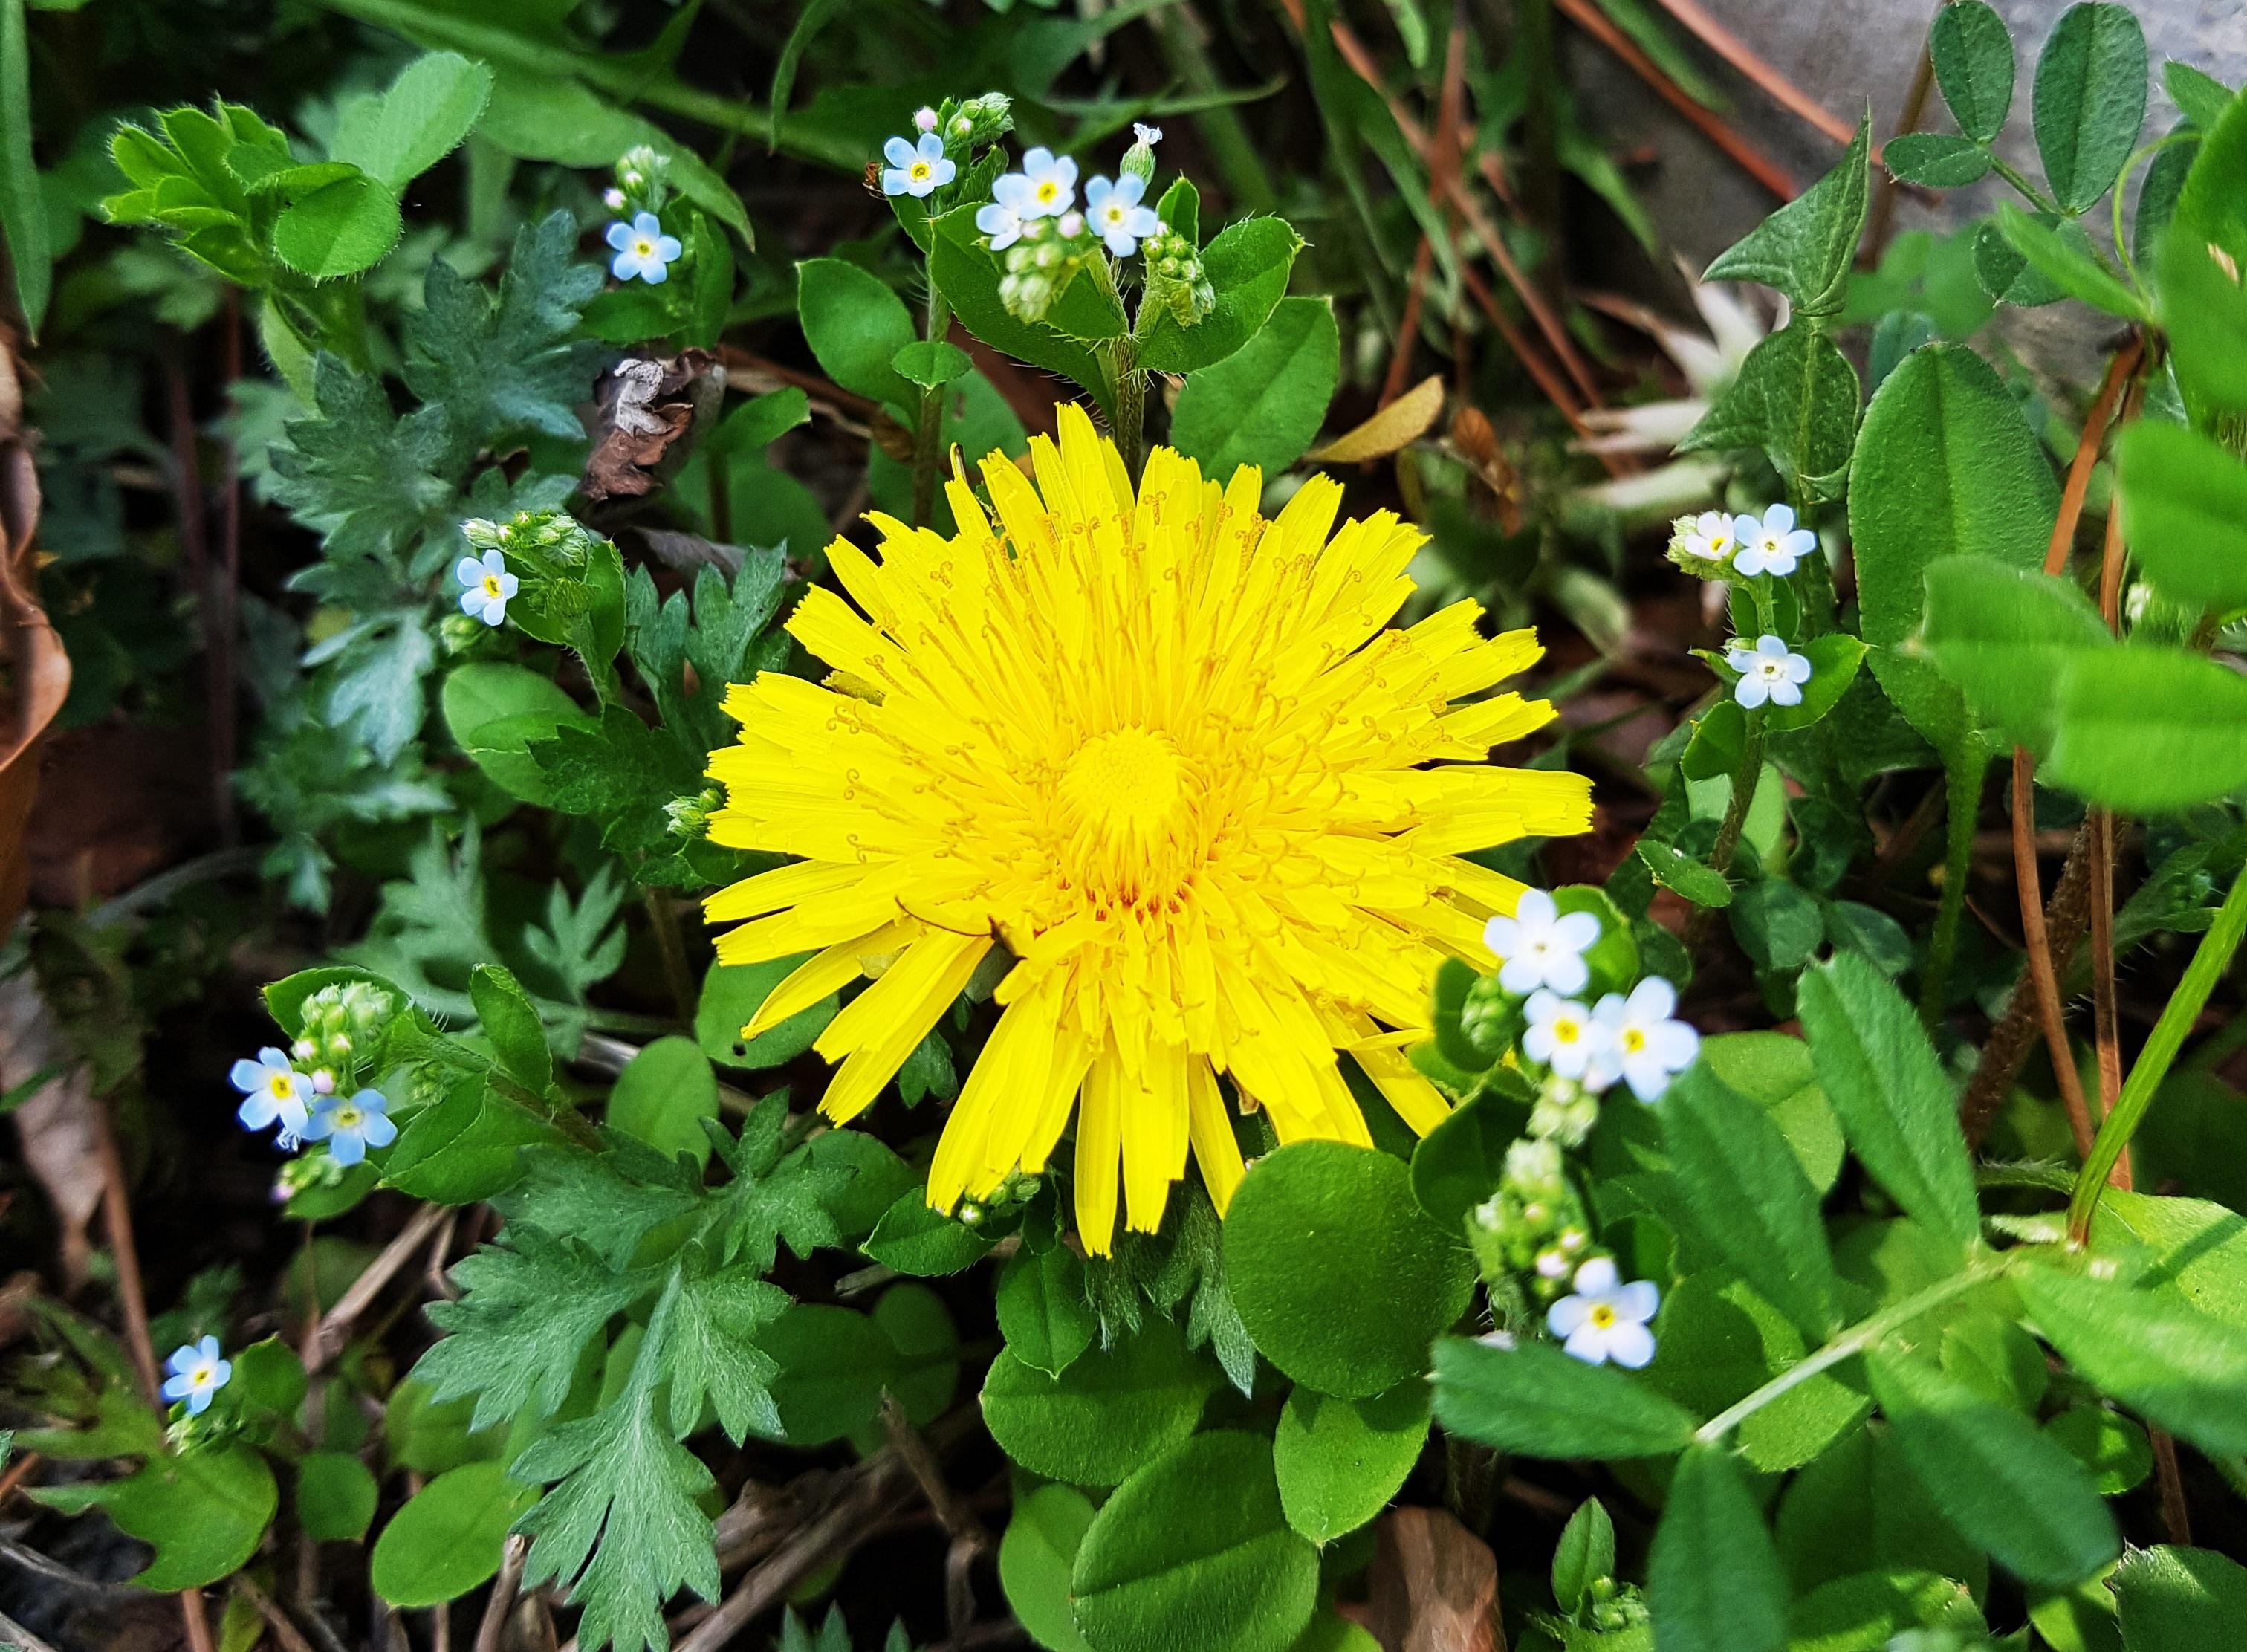 plante pissenlit fleur printemps herbe botanique jaune jardin flore fleur  jaune Fleur sauvage Corée fleurs de